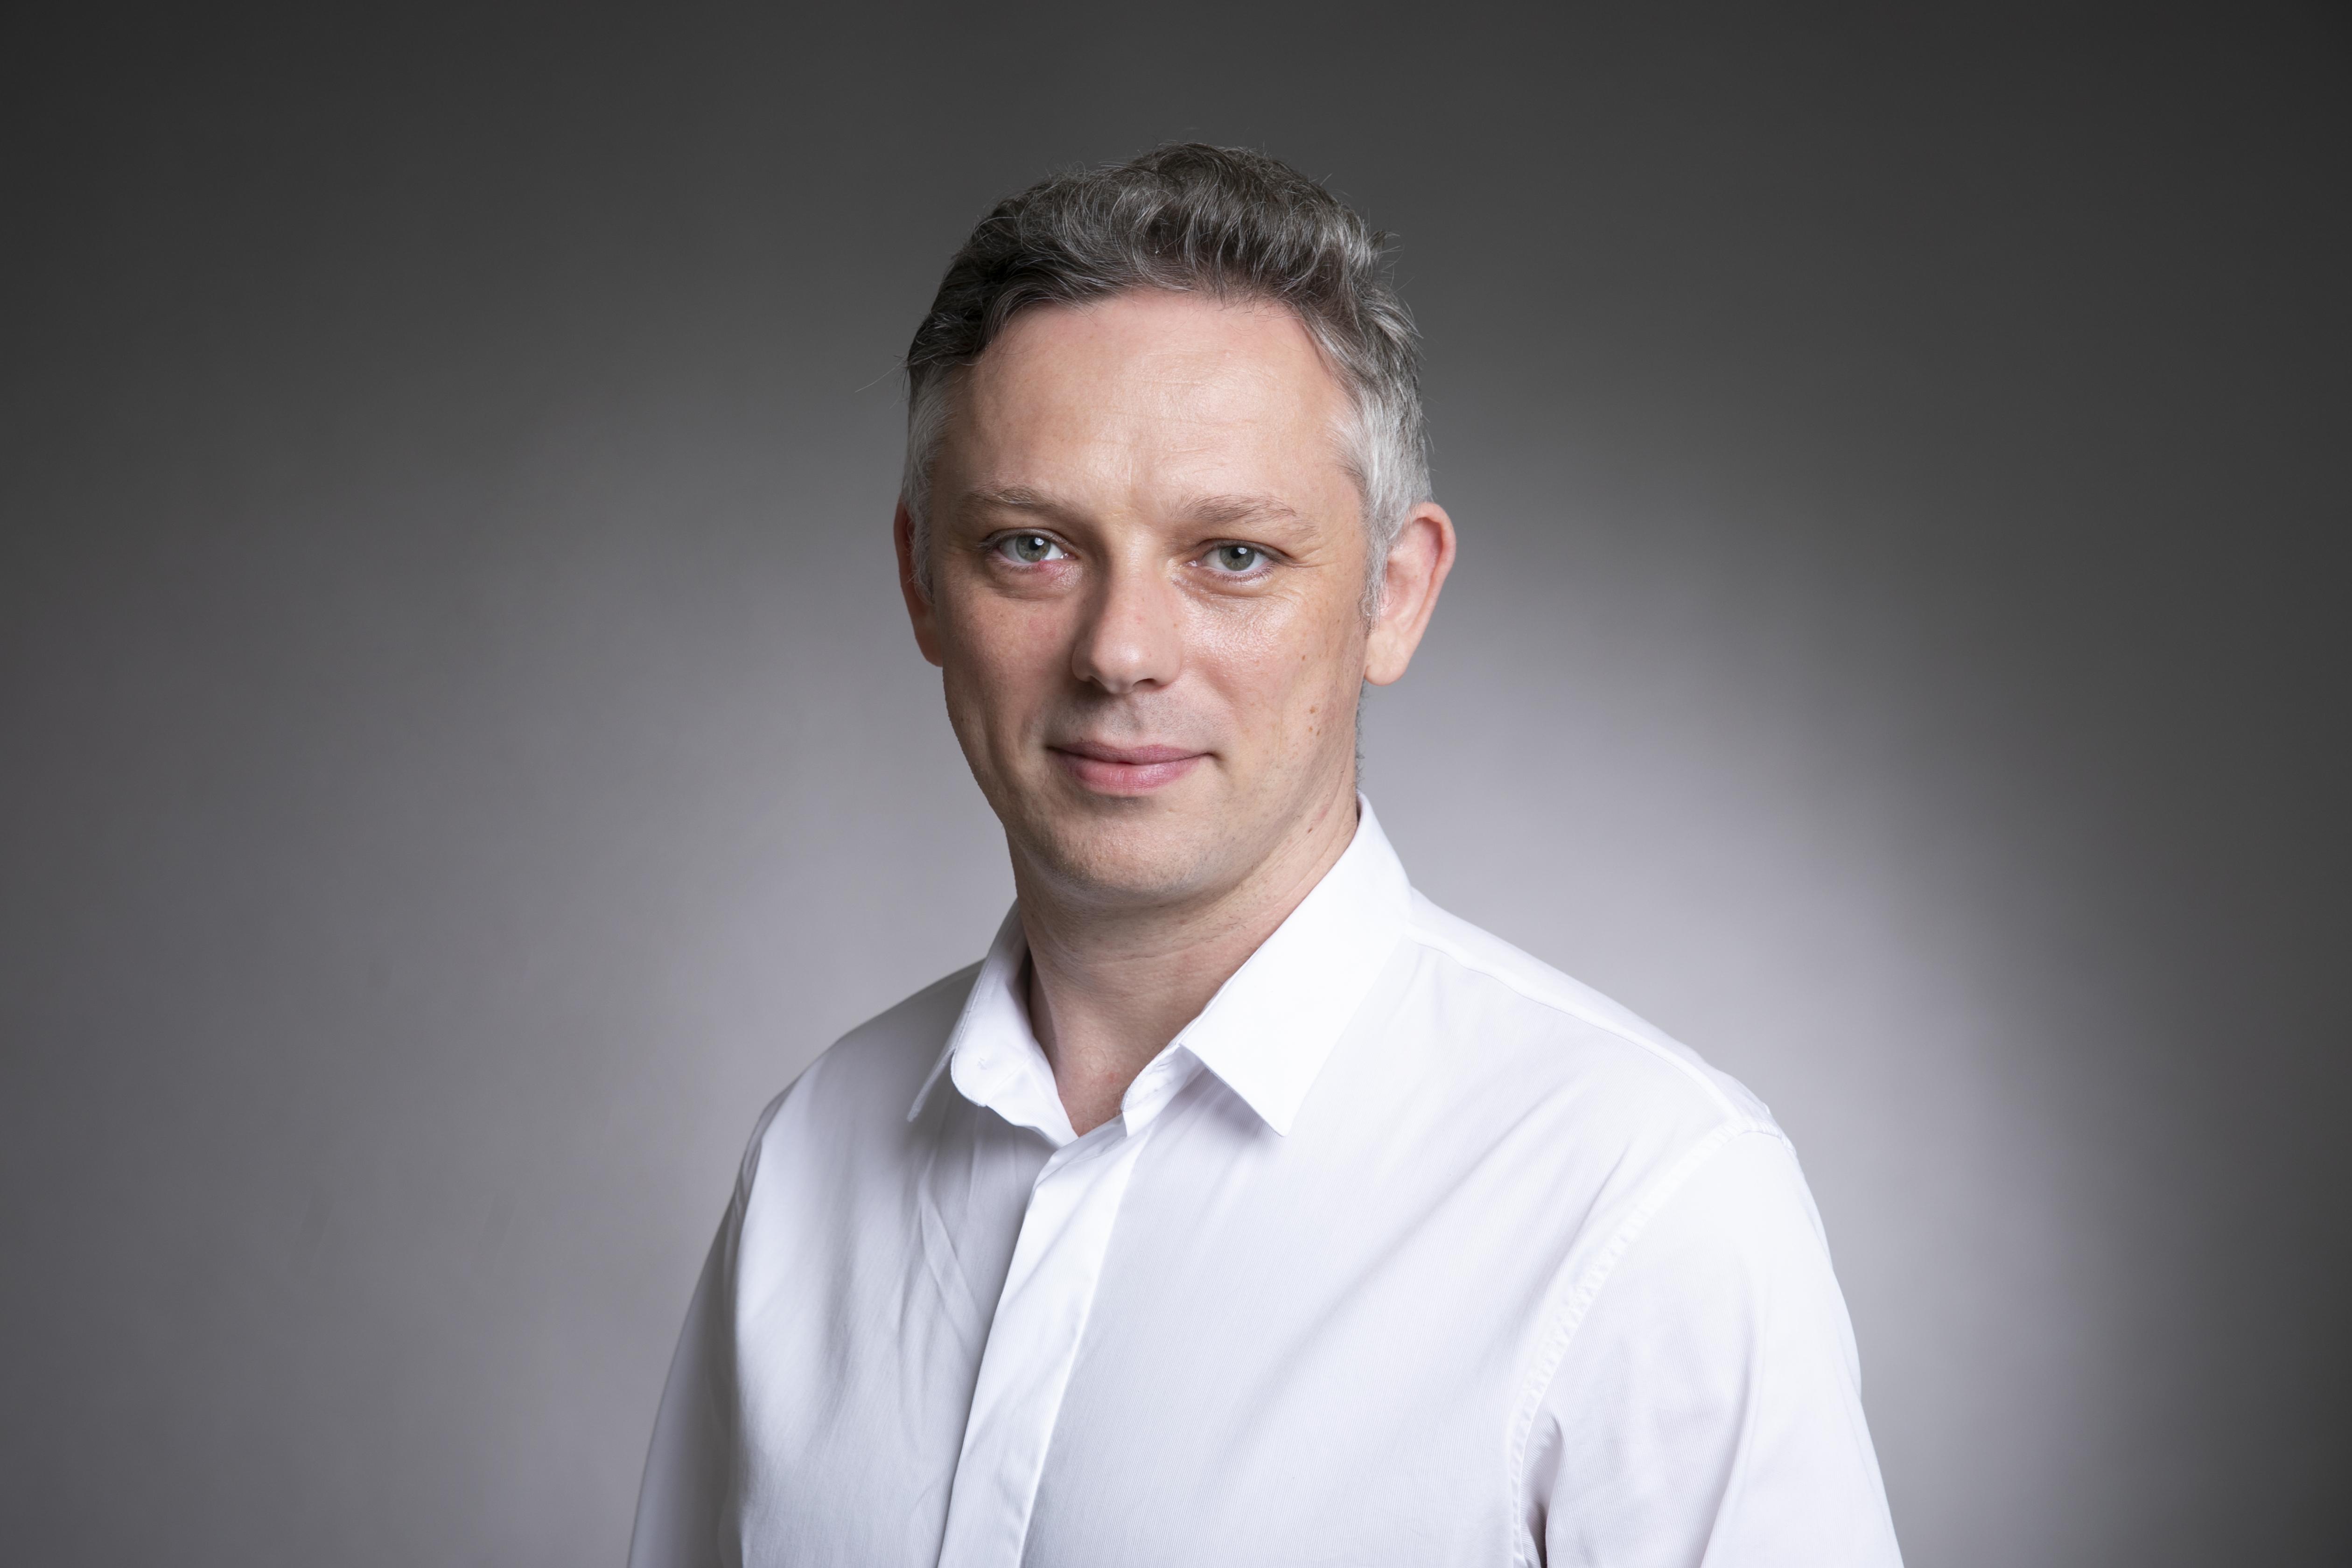 Dima gutzeit picture may 2019